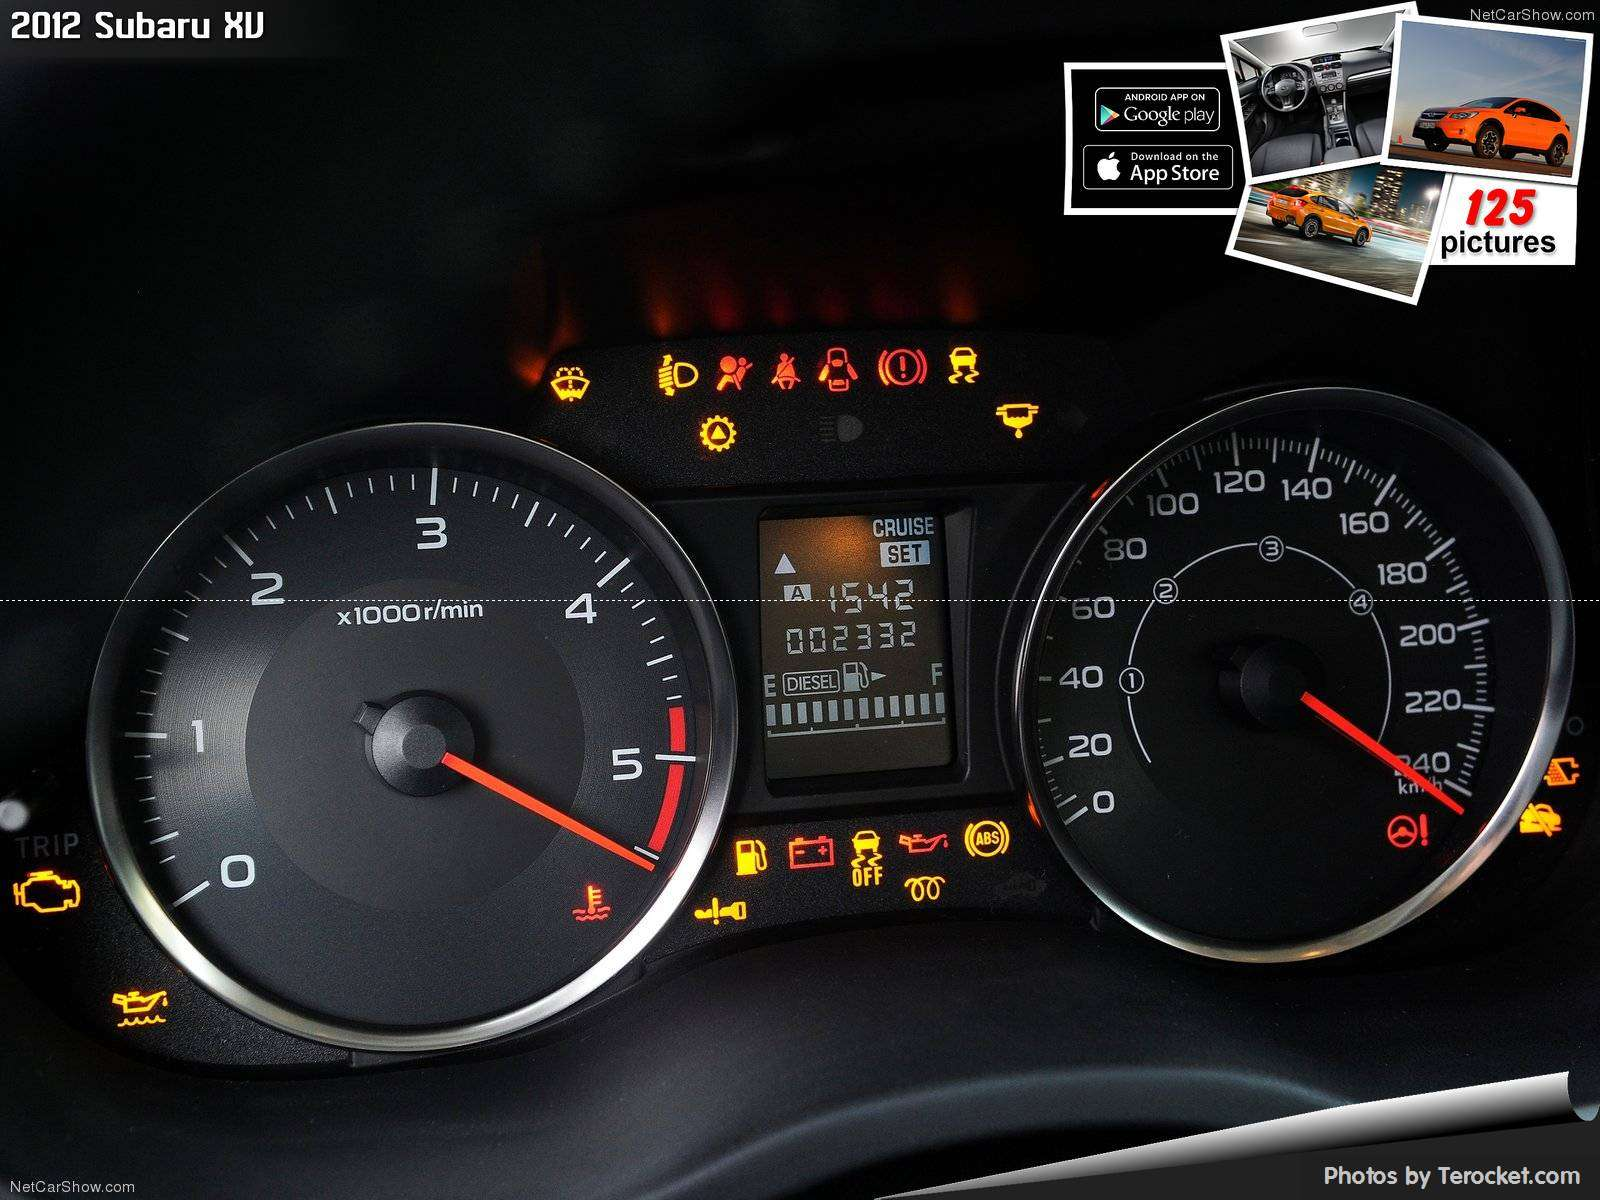 Hình ảnh xe ô tô Subaru XV 2012 & nội ngoại thất